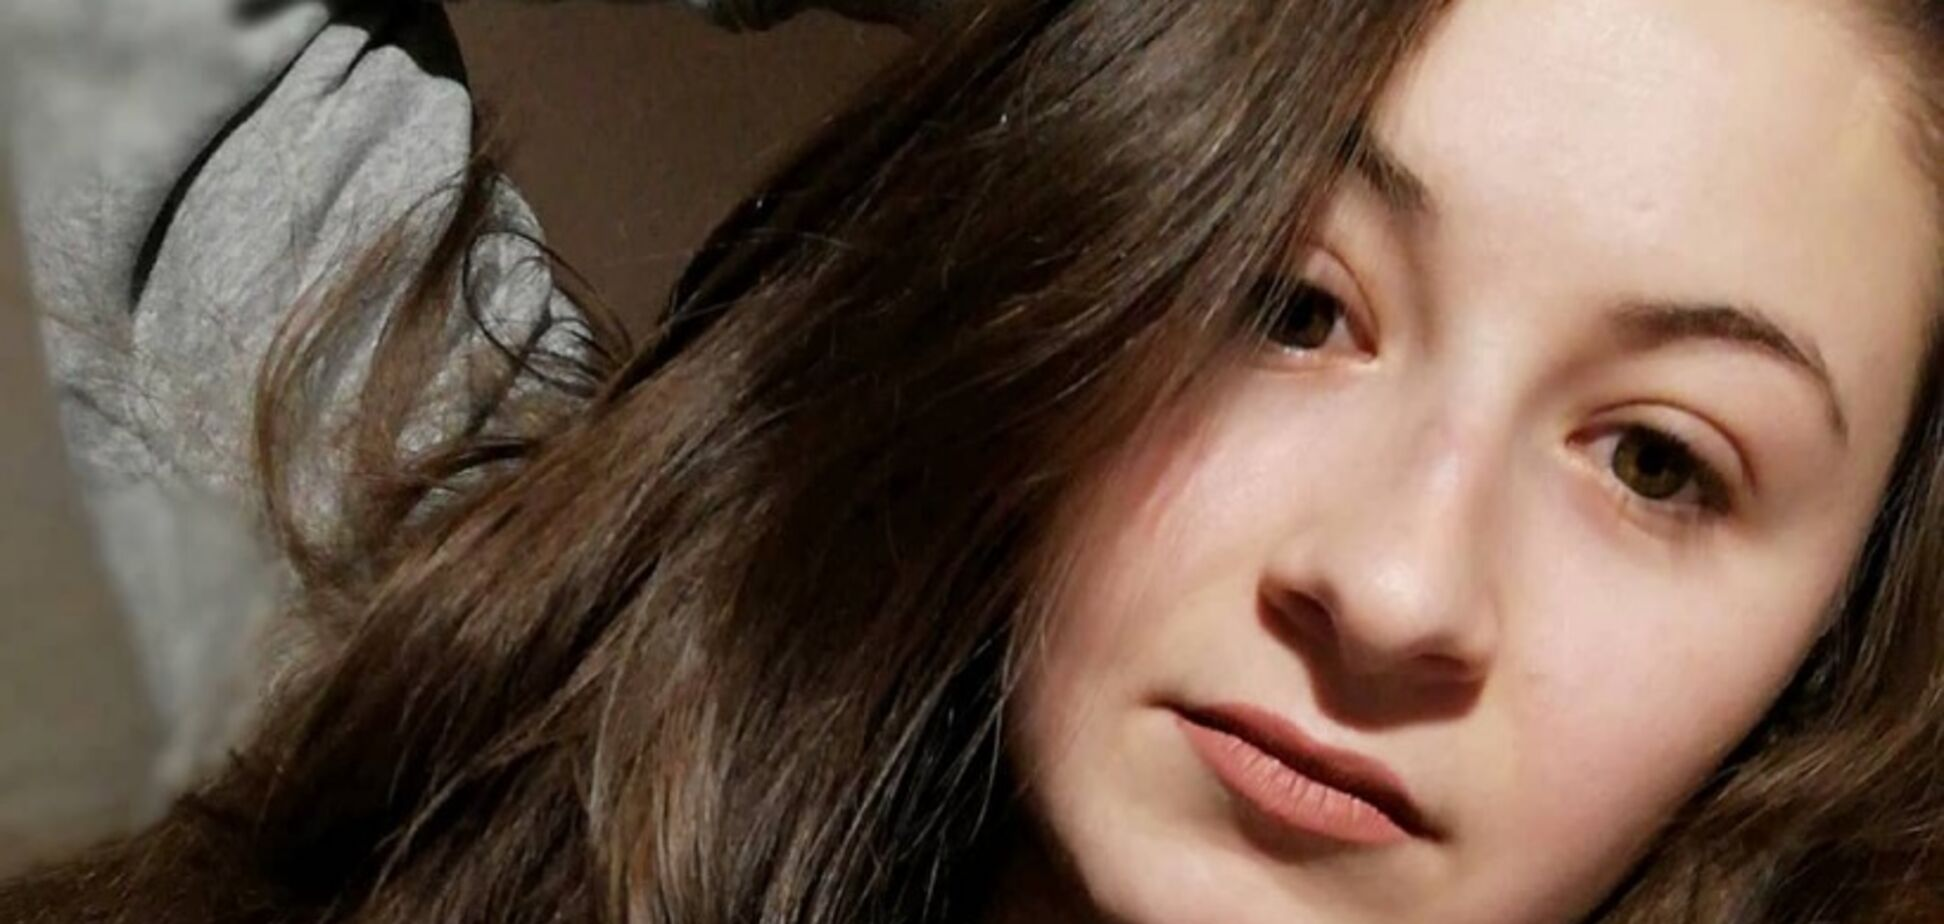 ''Повзла з проломленим черепом, а в очах — жах'': у Житомирі розповіли, що могло стати мотивом для страшного вбивства матері й доньки